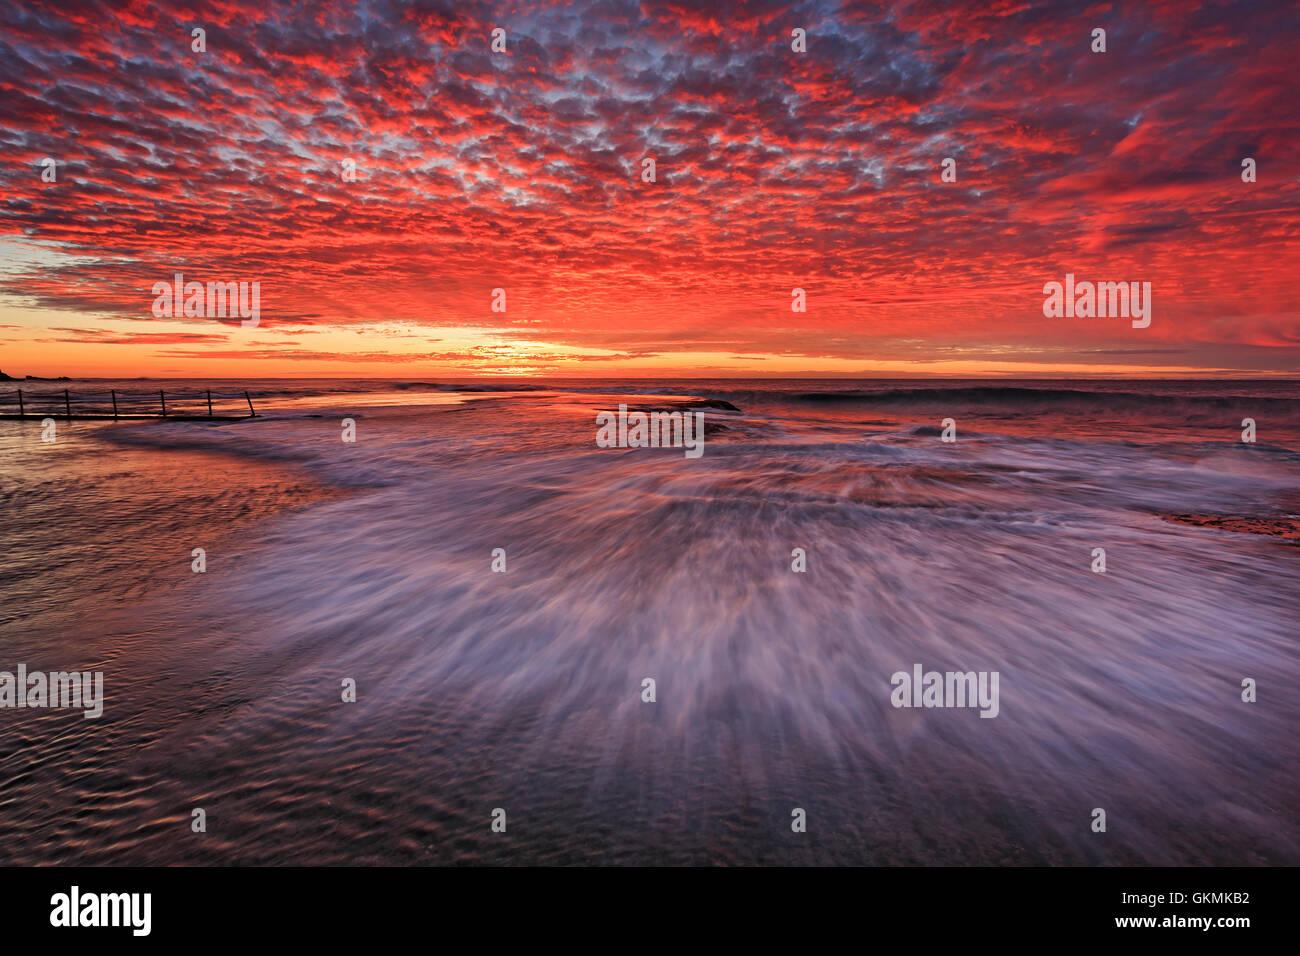 À l'onde rapide trouble heure d'or sur fond de rochers plats autour de la piscine rock Mona Vale beach Photo Stock